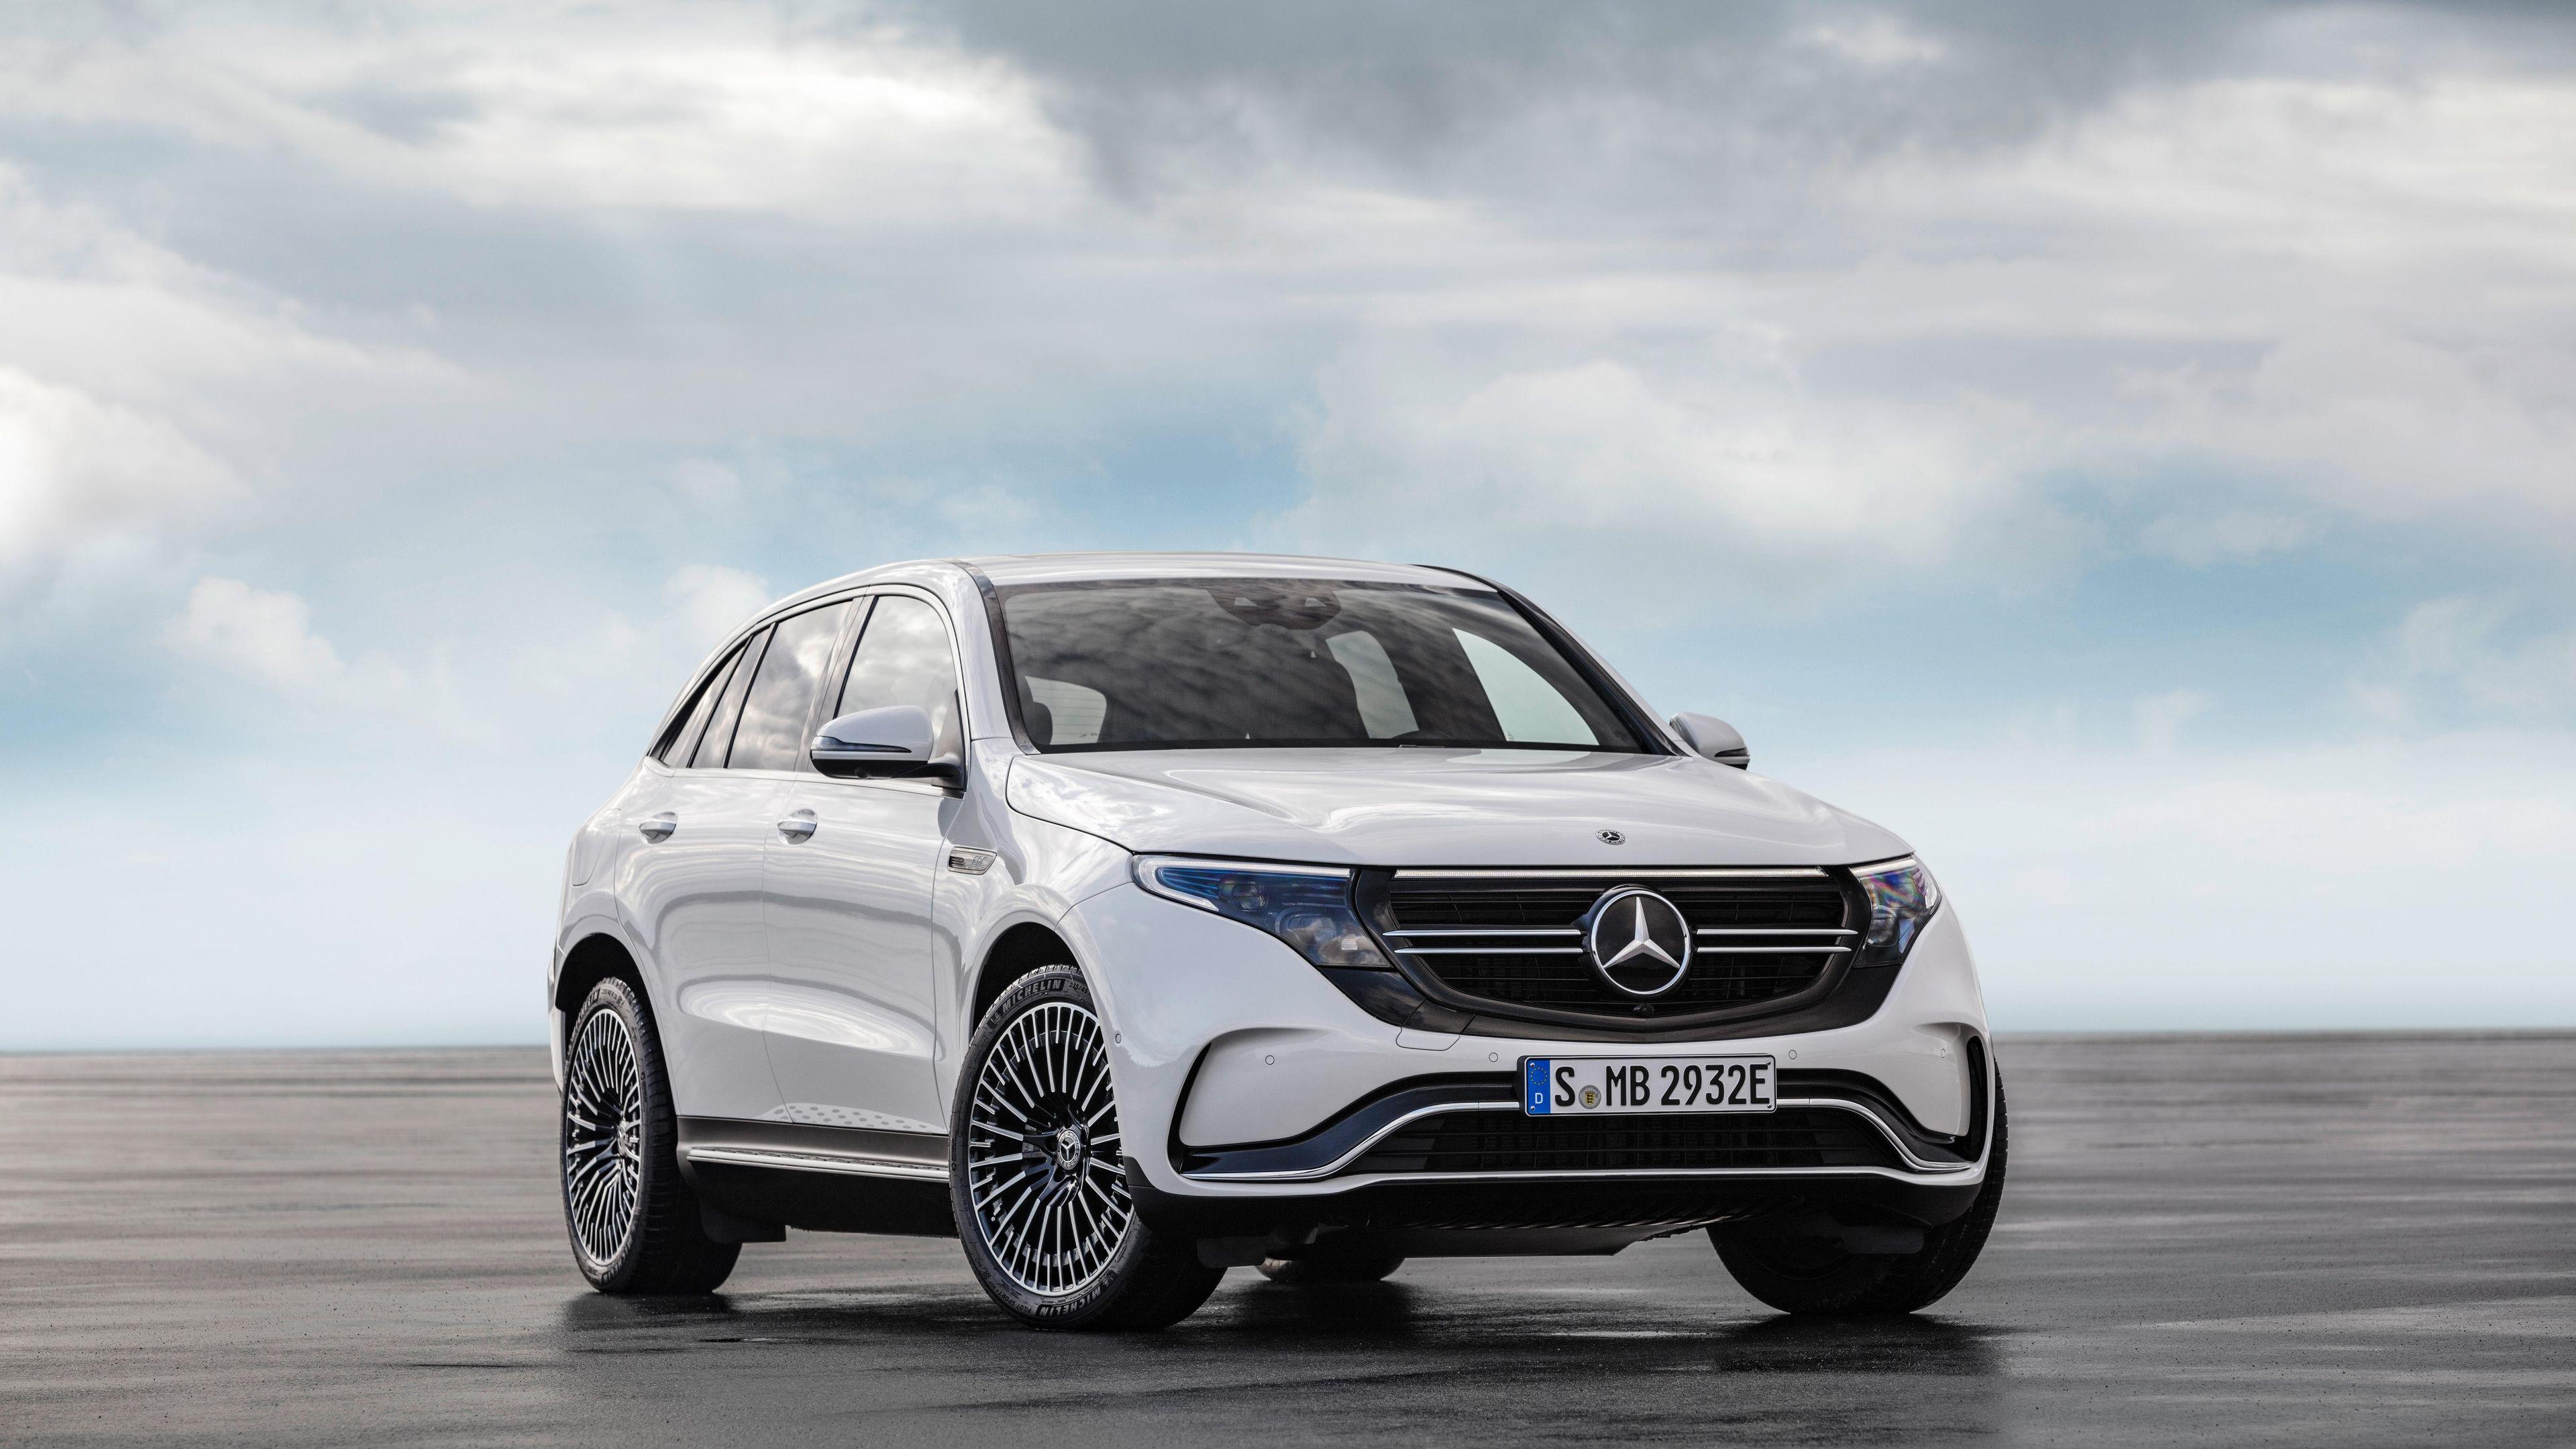 Mercedes Benz EQC 2020 4k mercedes wallpapers mercedes benz 3840x2160